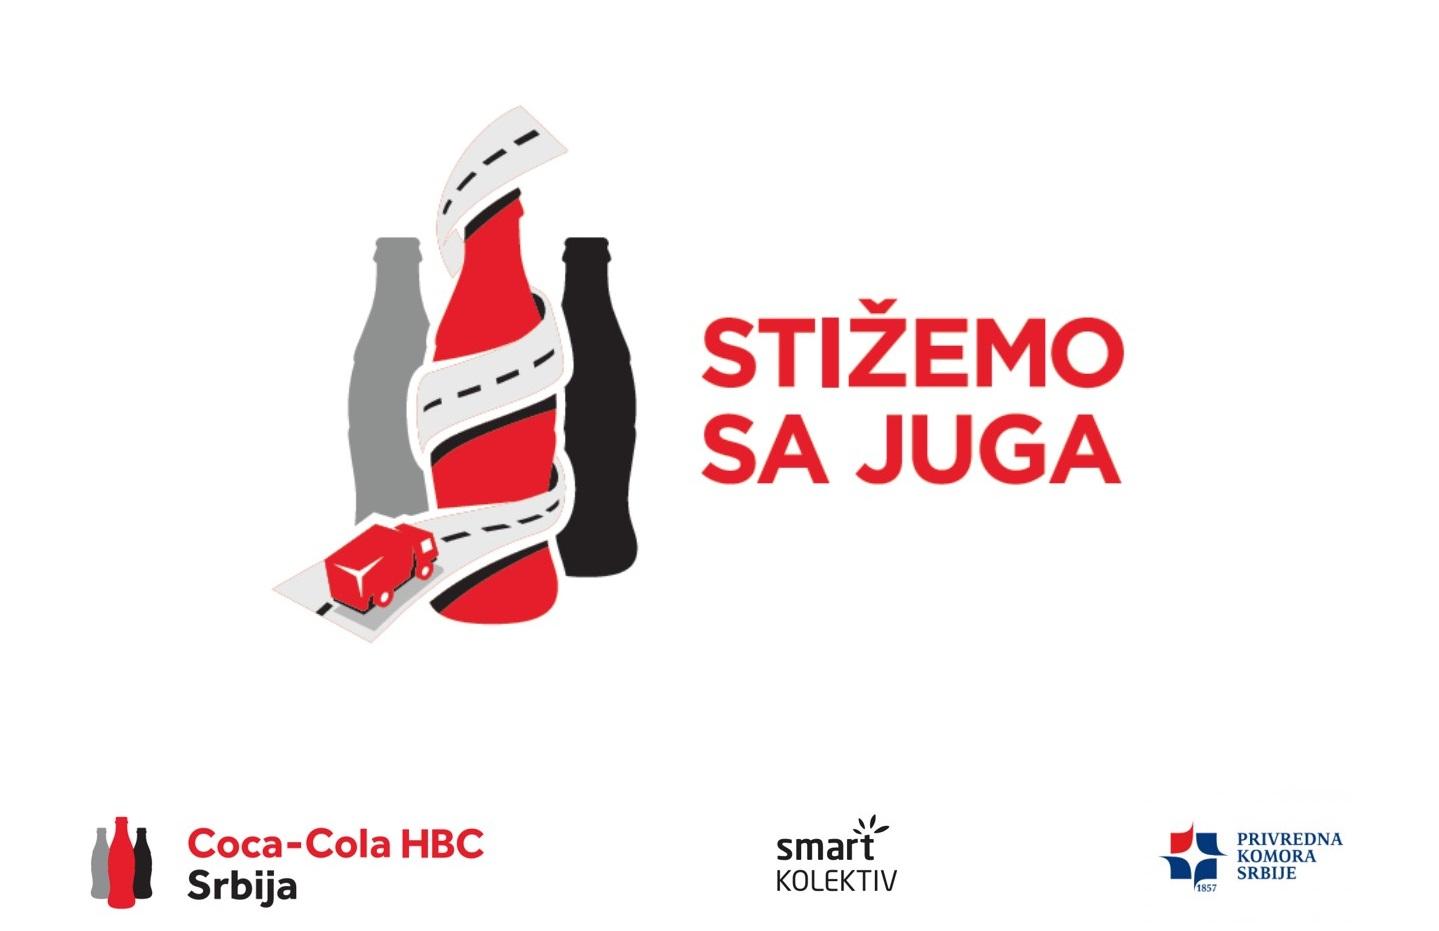 Coca-Cola HBC Srbija vas poziva da se prijavite za učešće u programu 'Stižemo sa juga'!